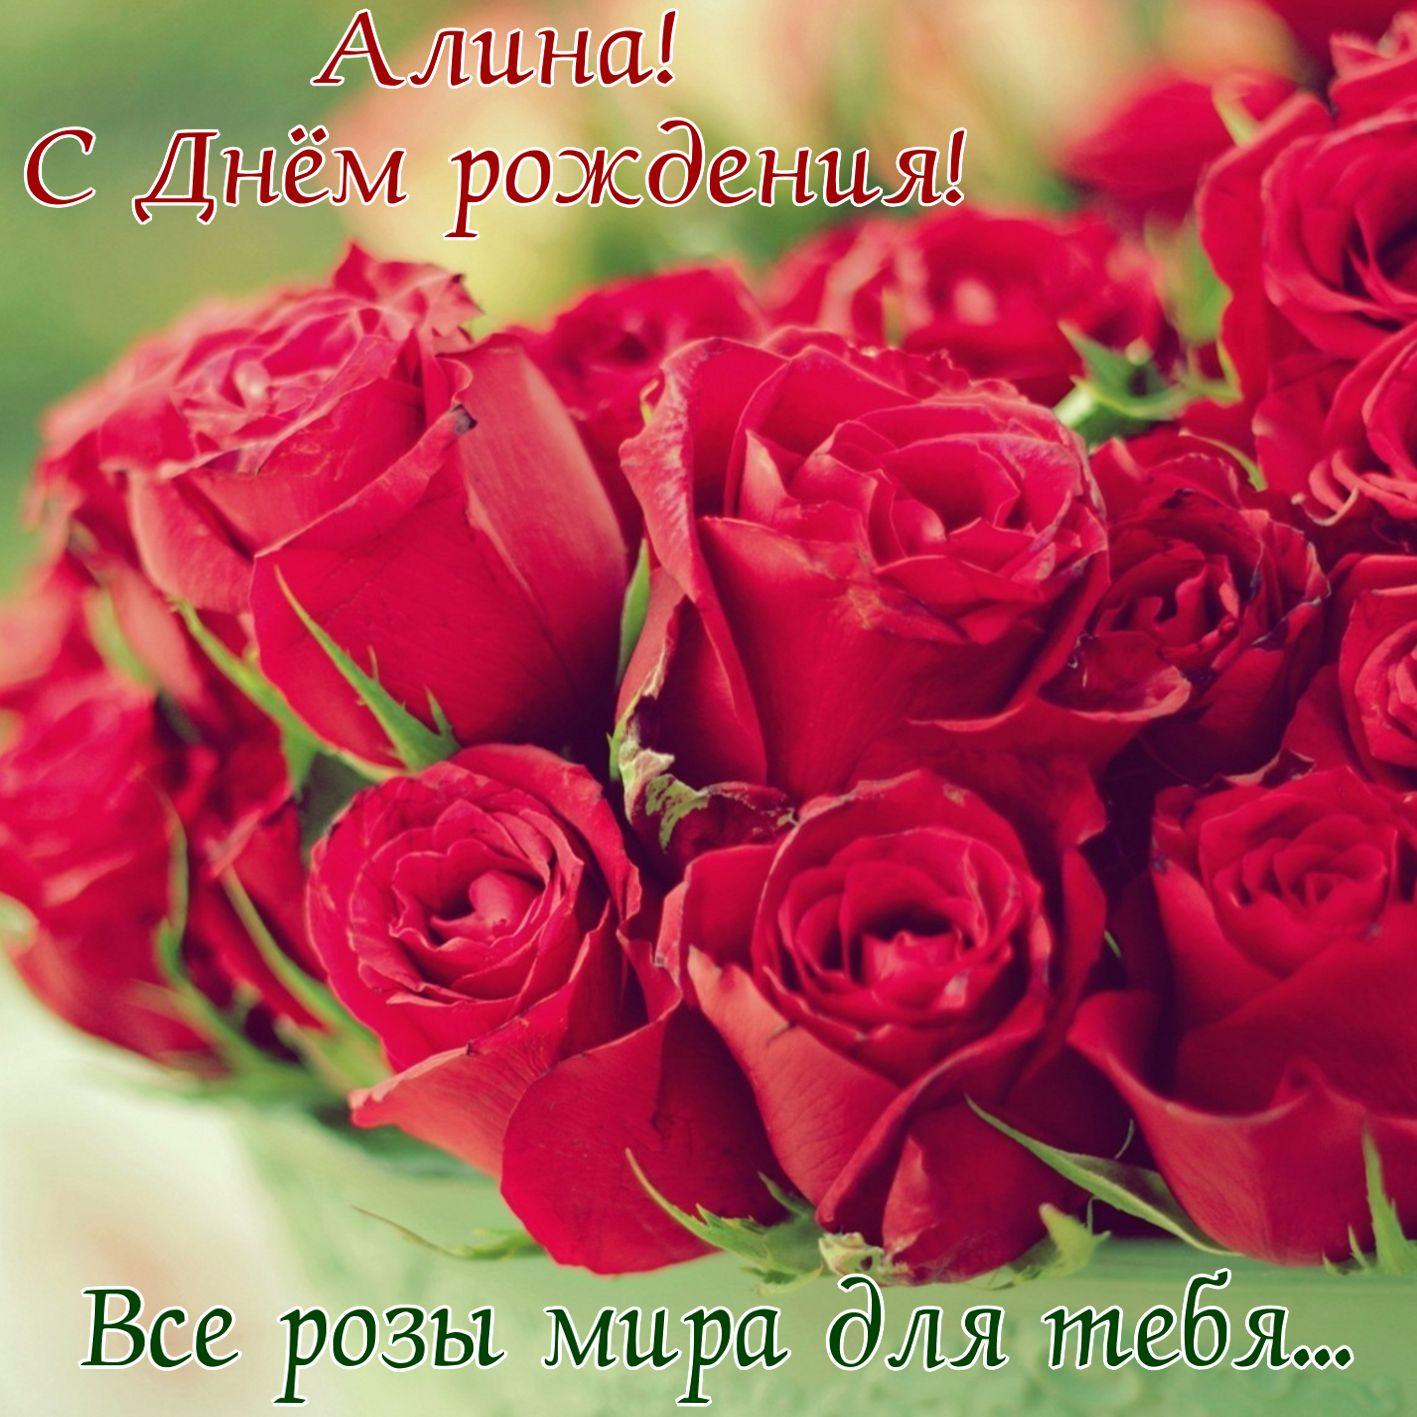 Поздравления на день рождения лучшие пожелания6